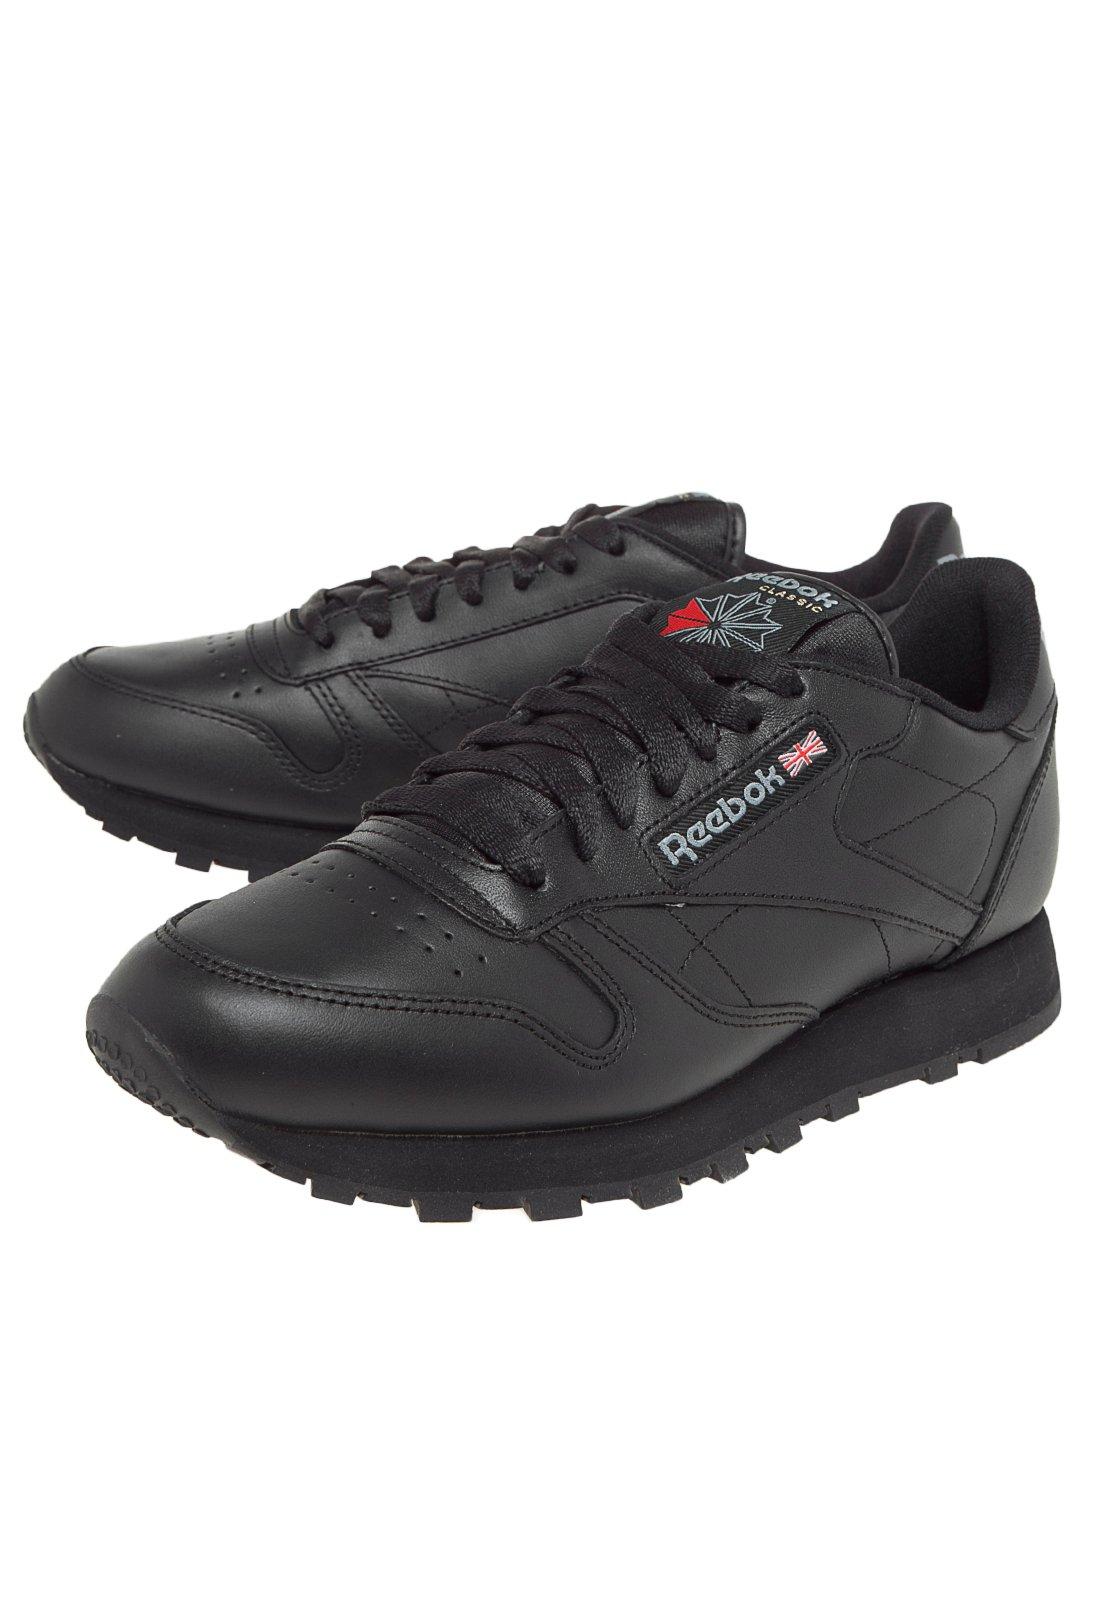 reebok classic leather preto e branco